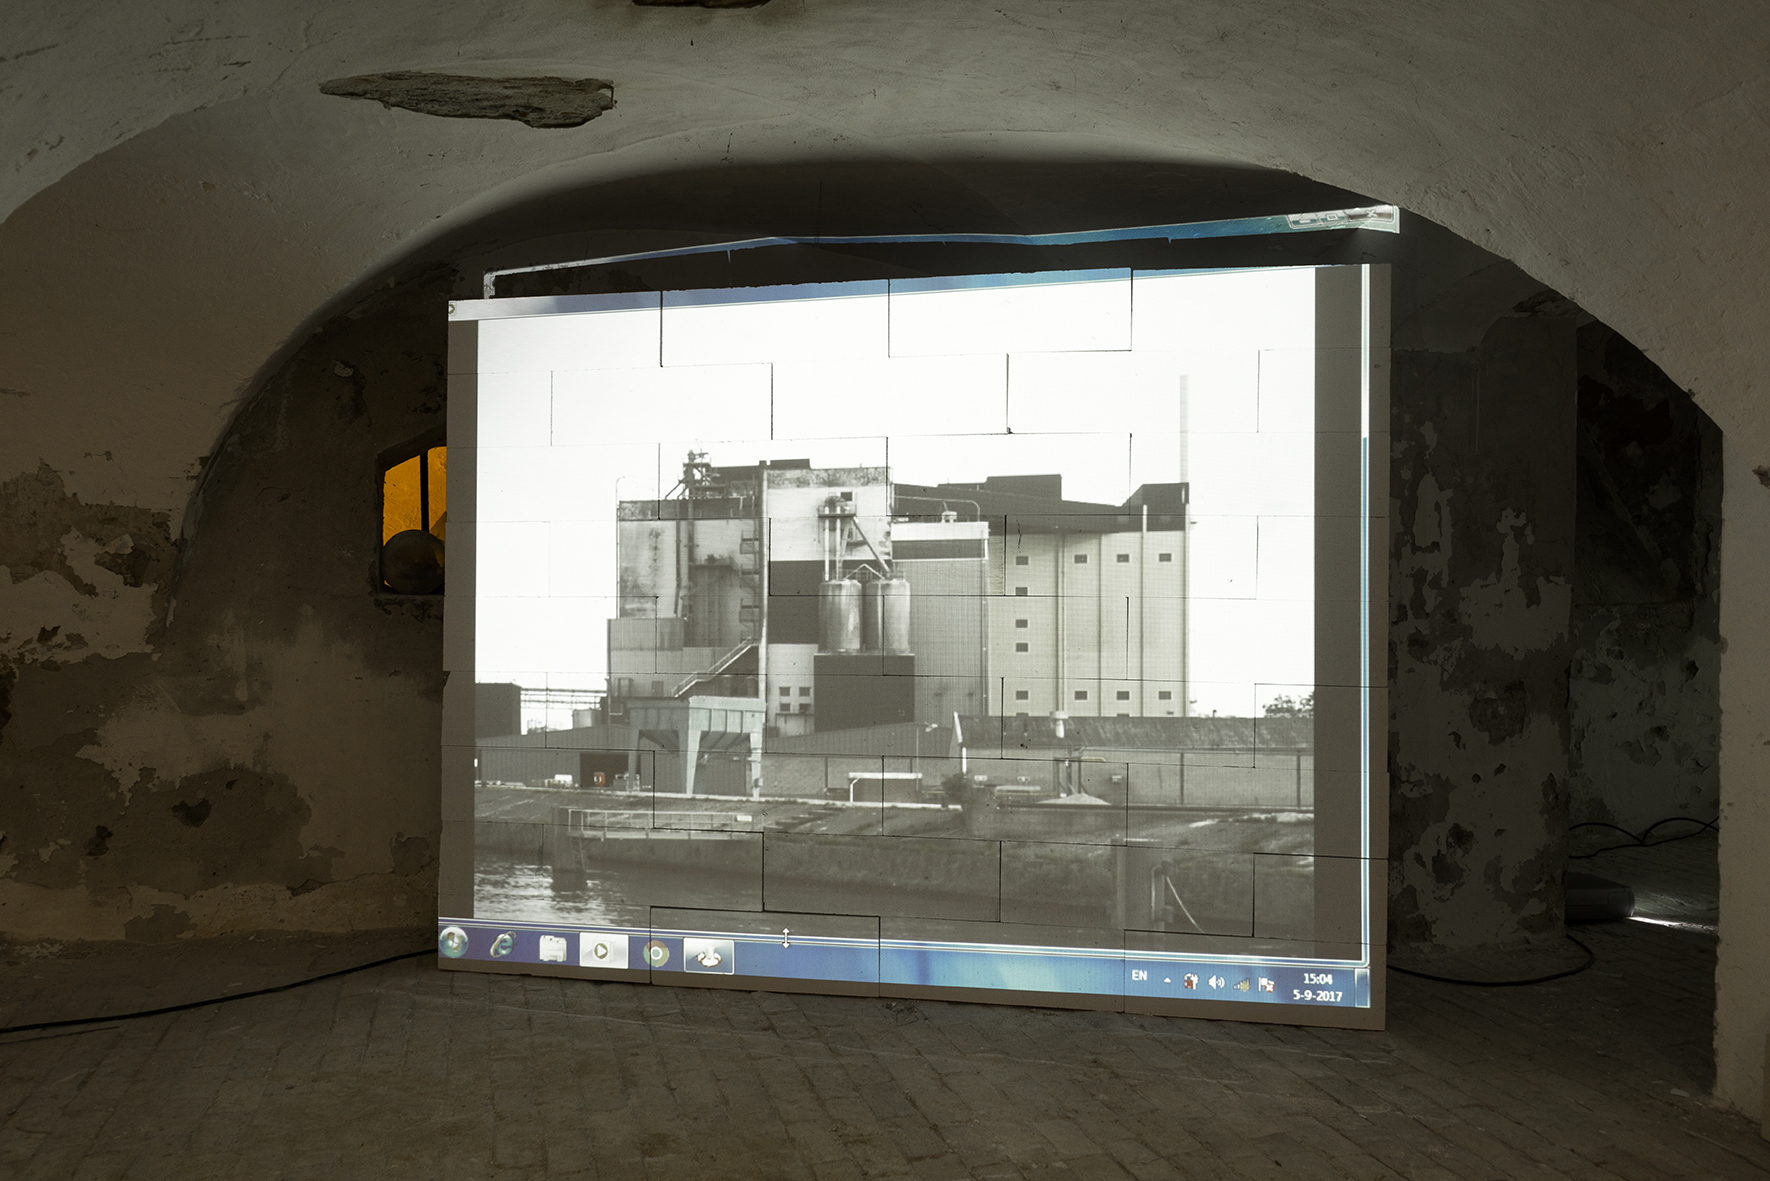 Geprojecteerde afbeelding van een fabriek